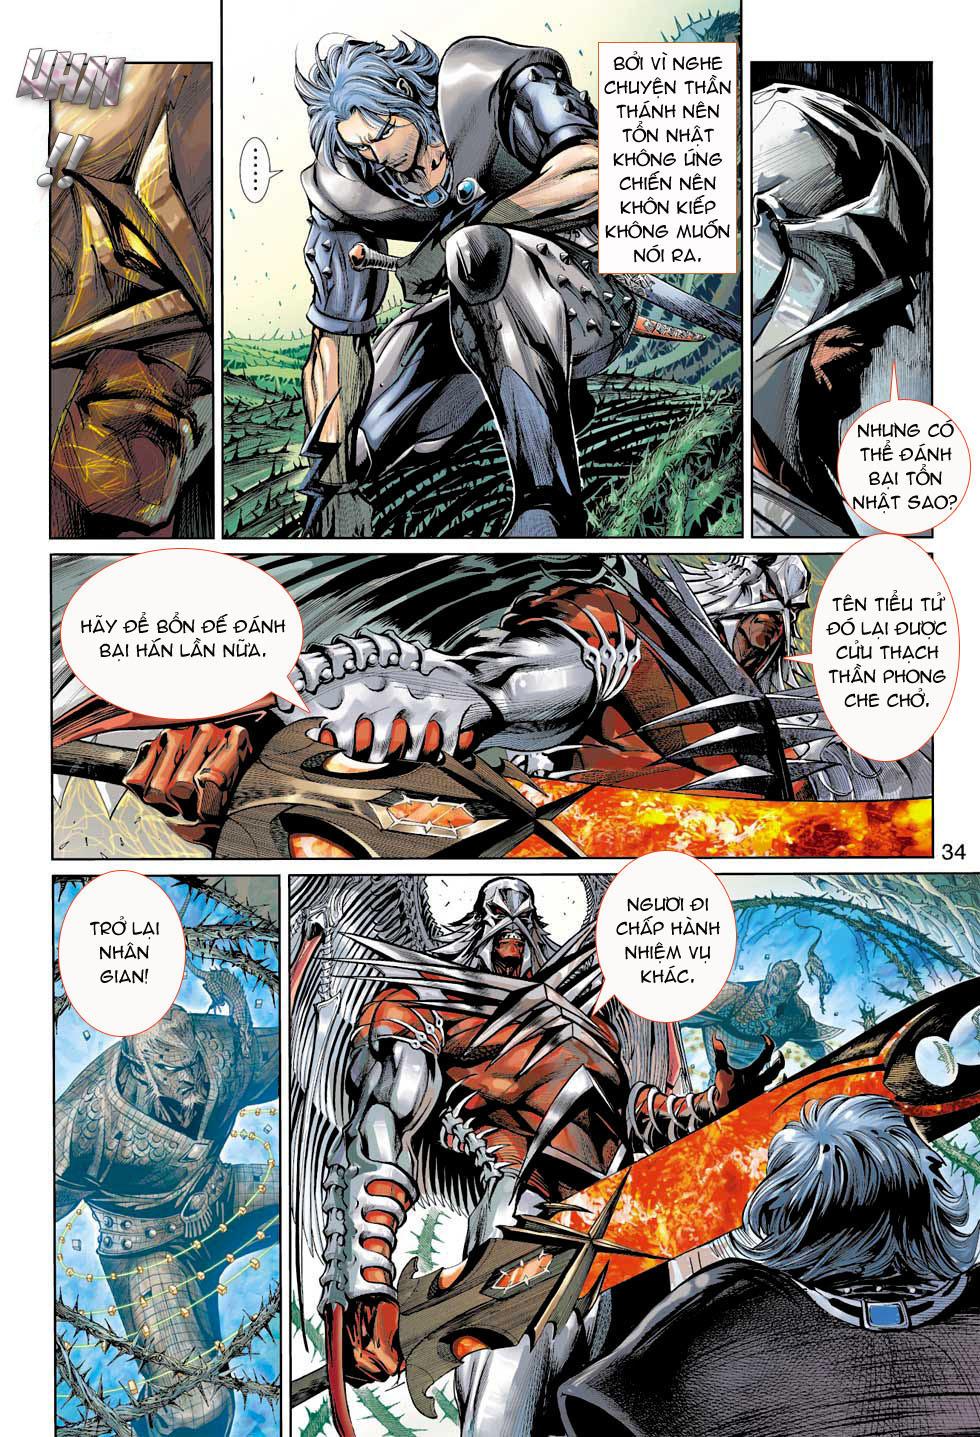 Thần Binh 4 chap 7 - Trang 34